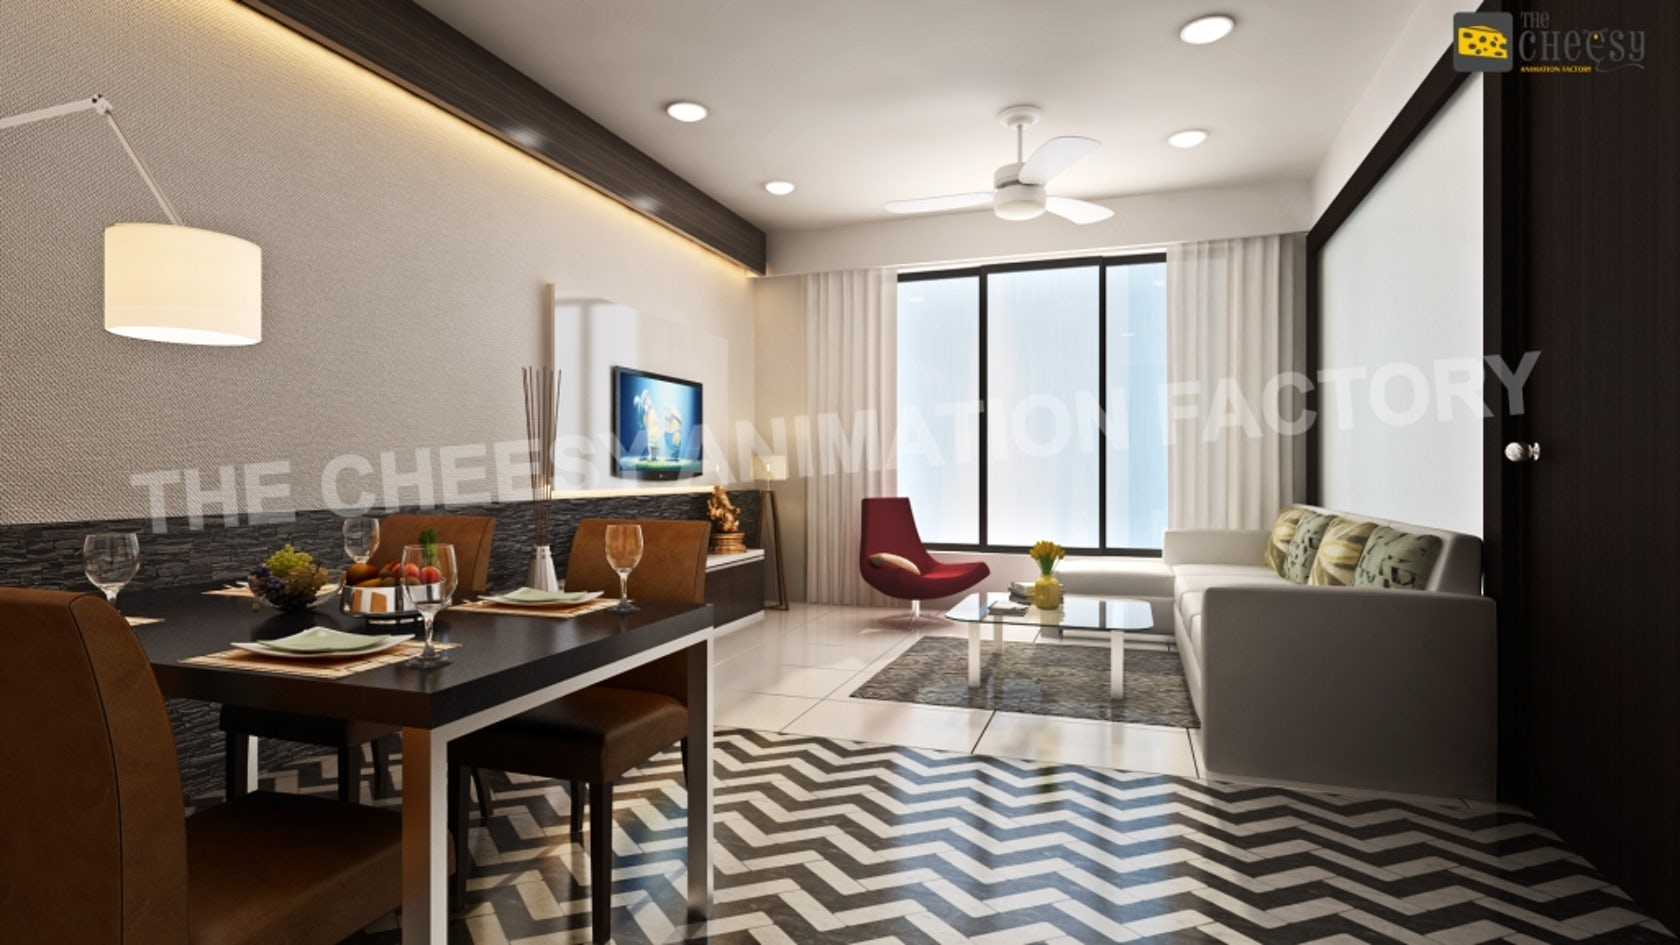 3d Interior Design Company Architizer